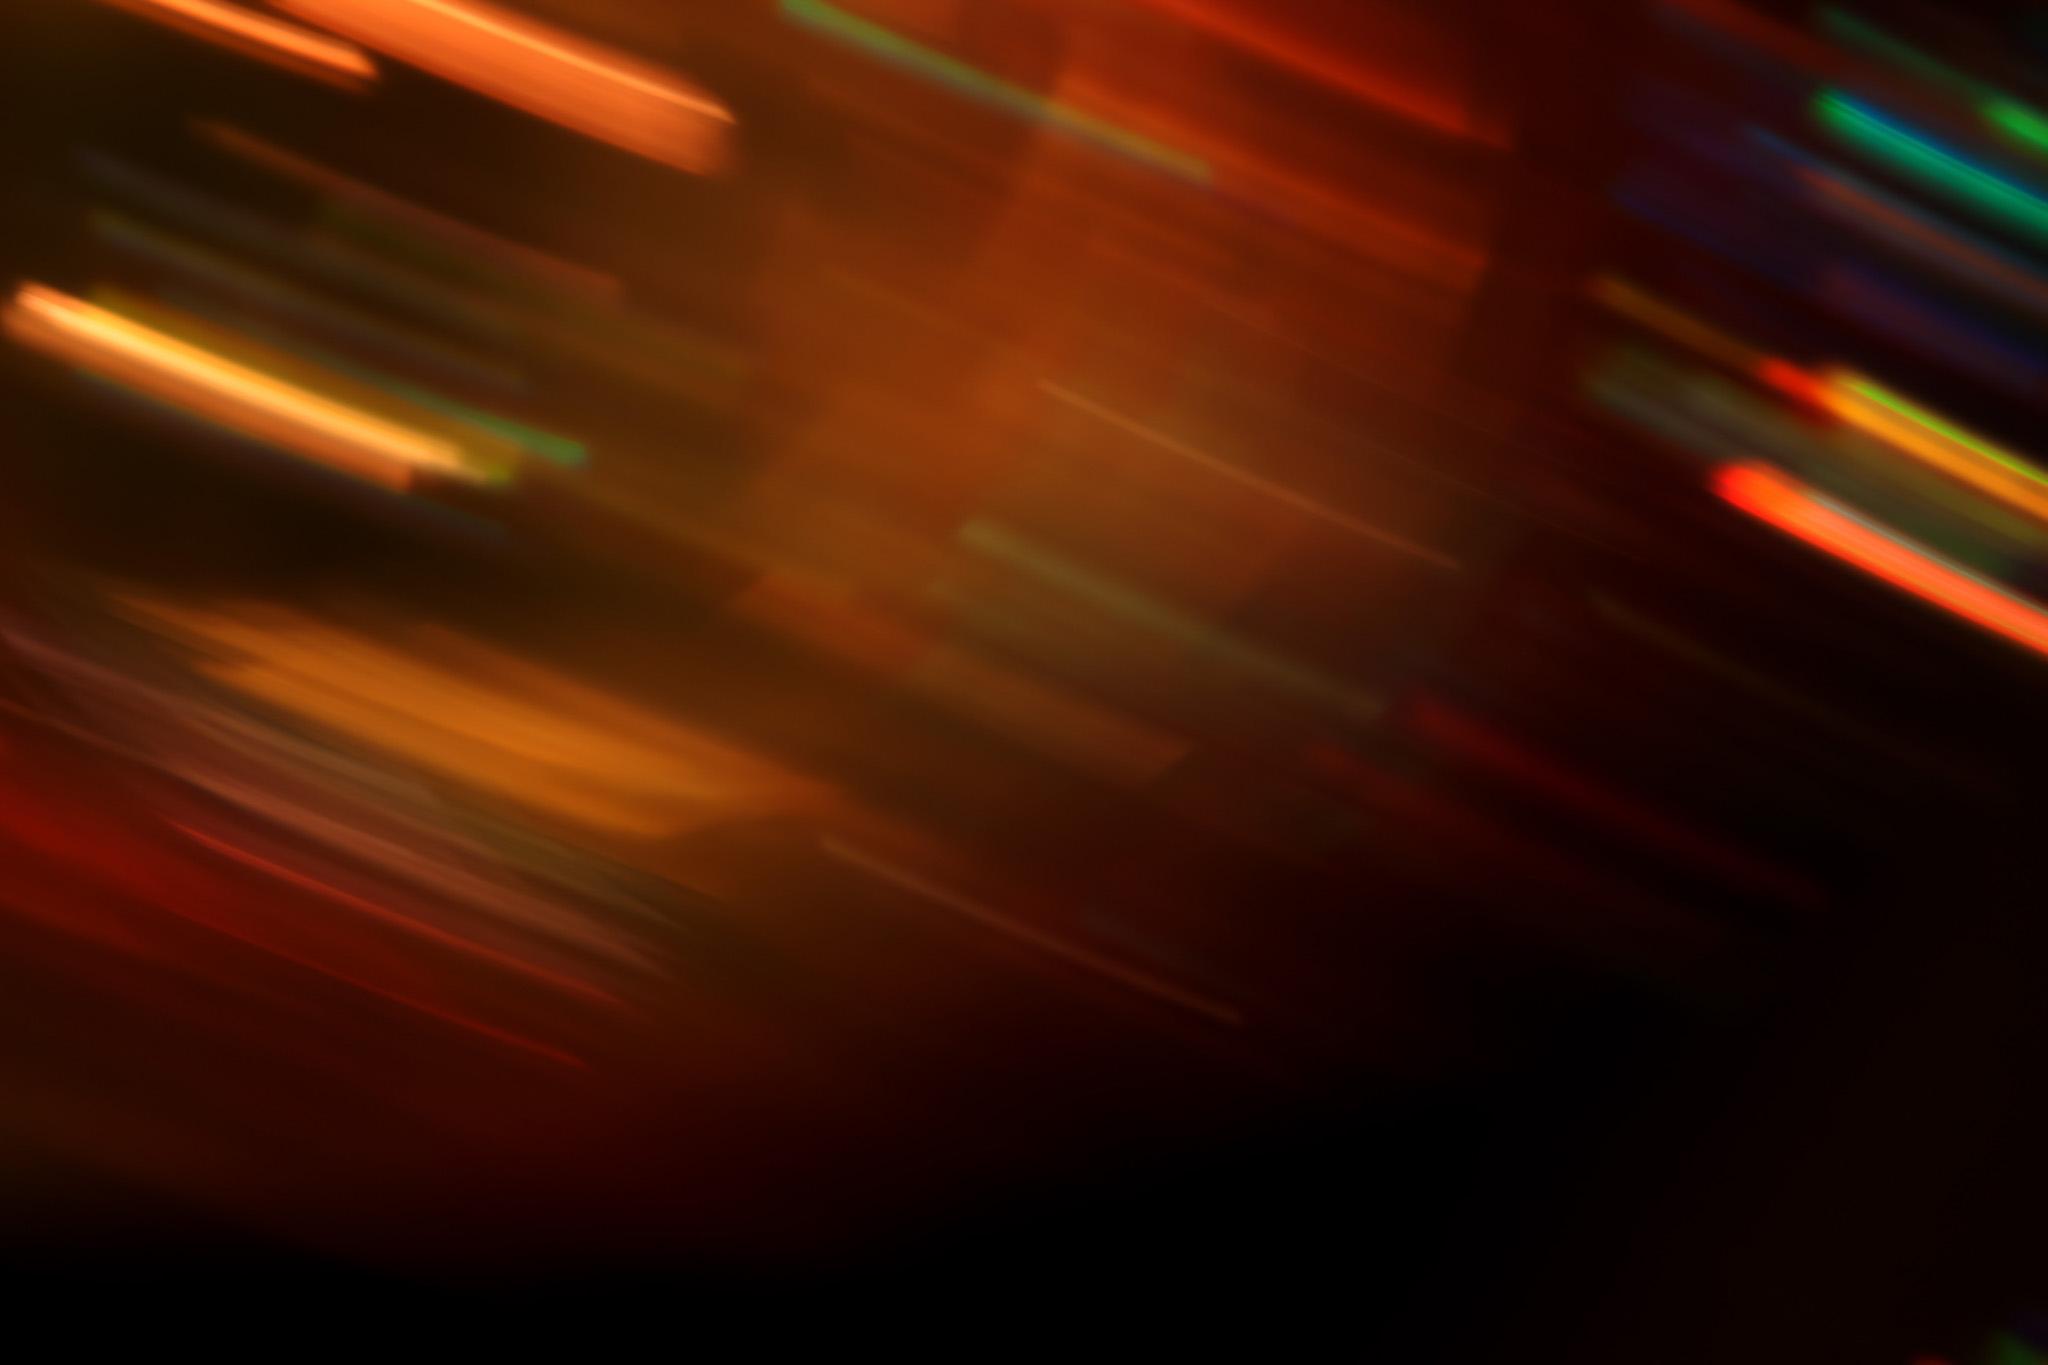 「光のライン」